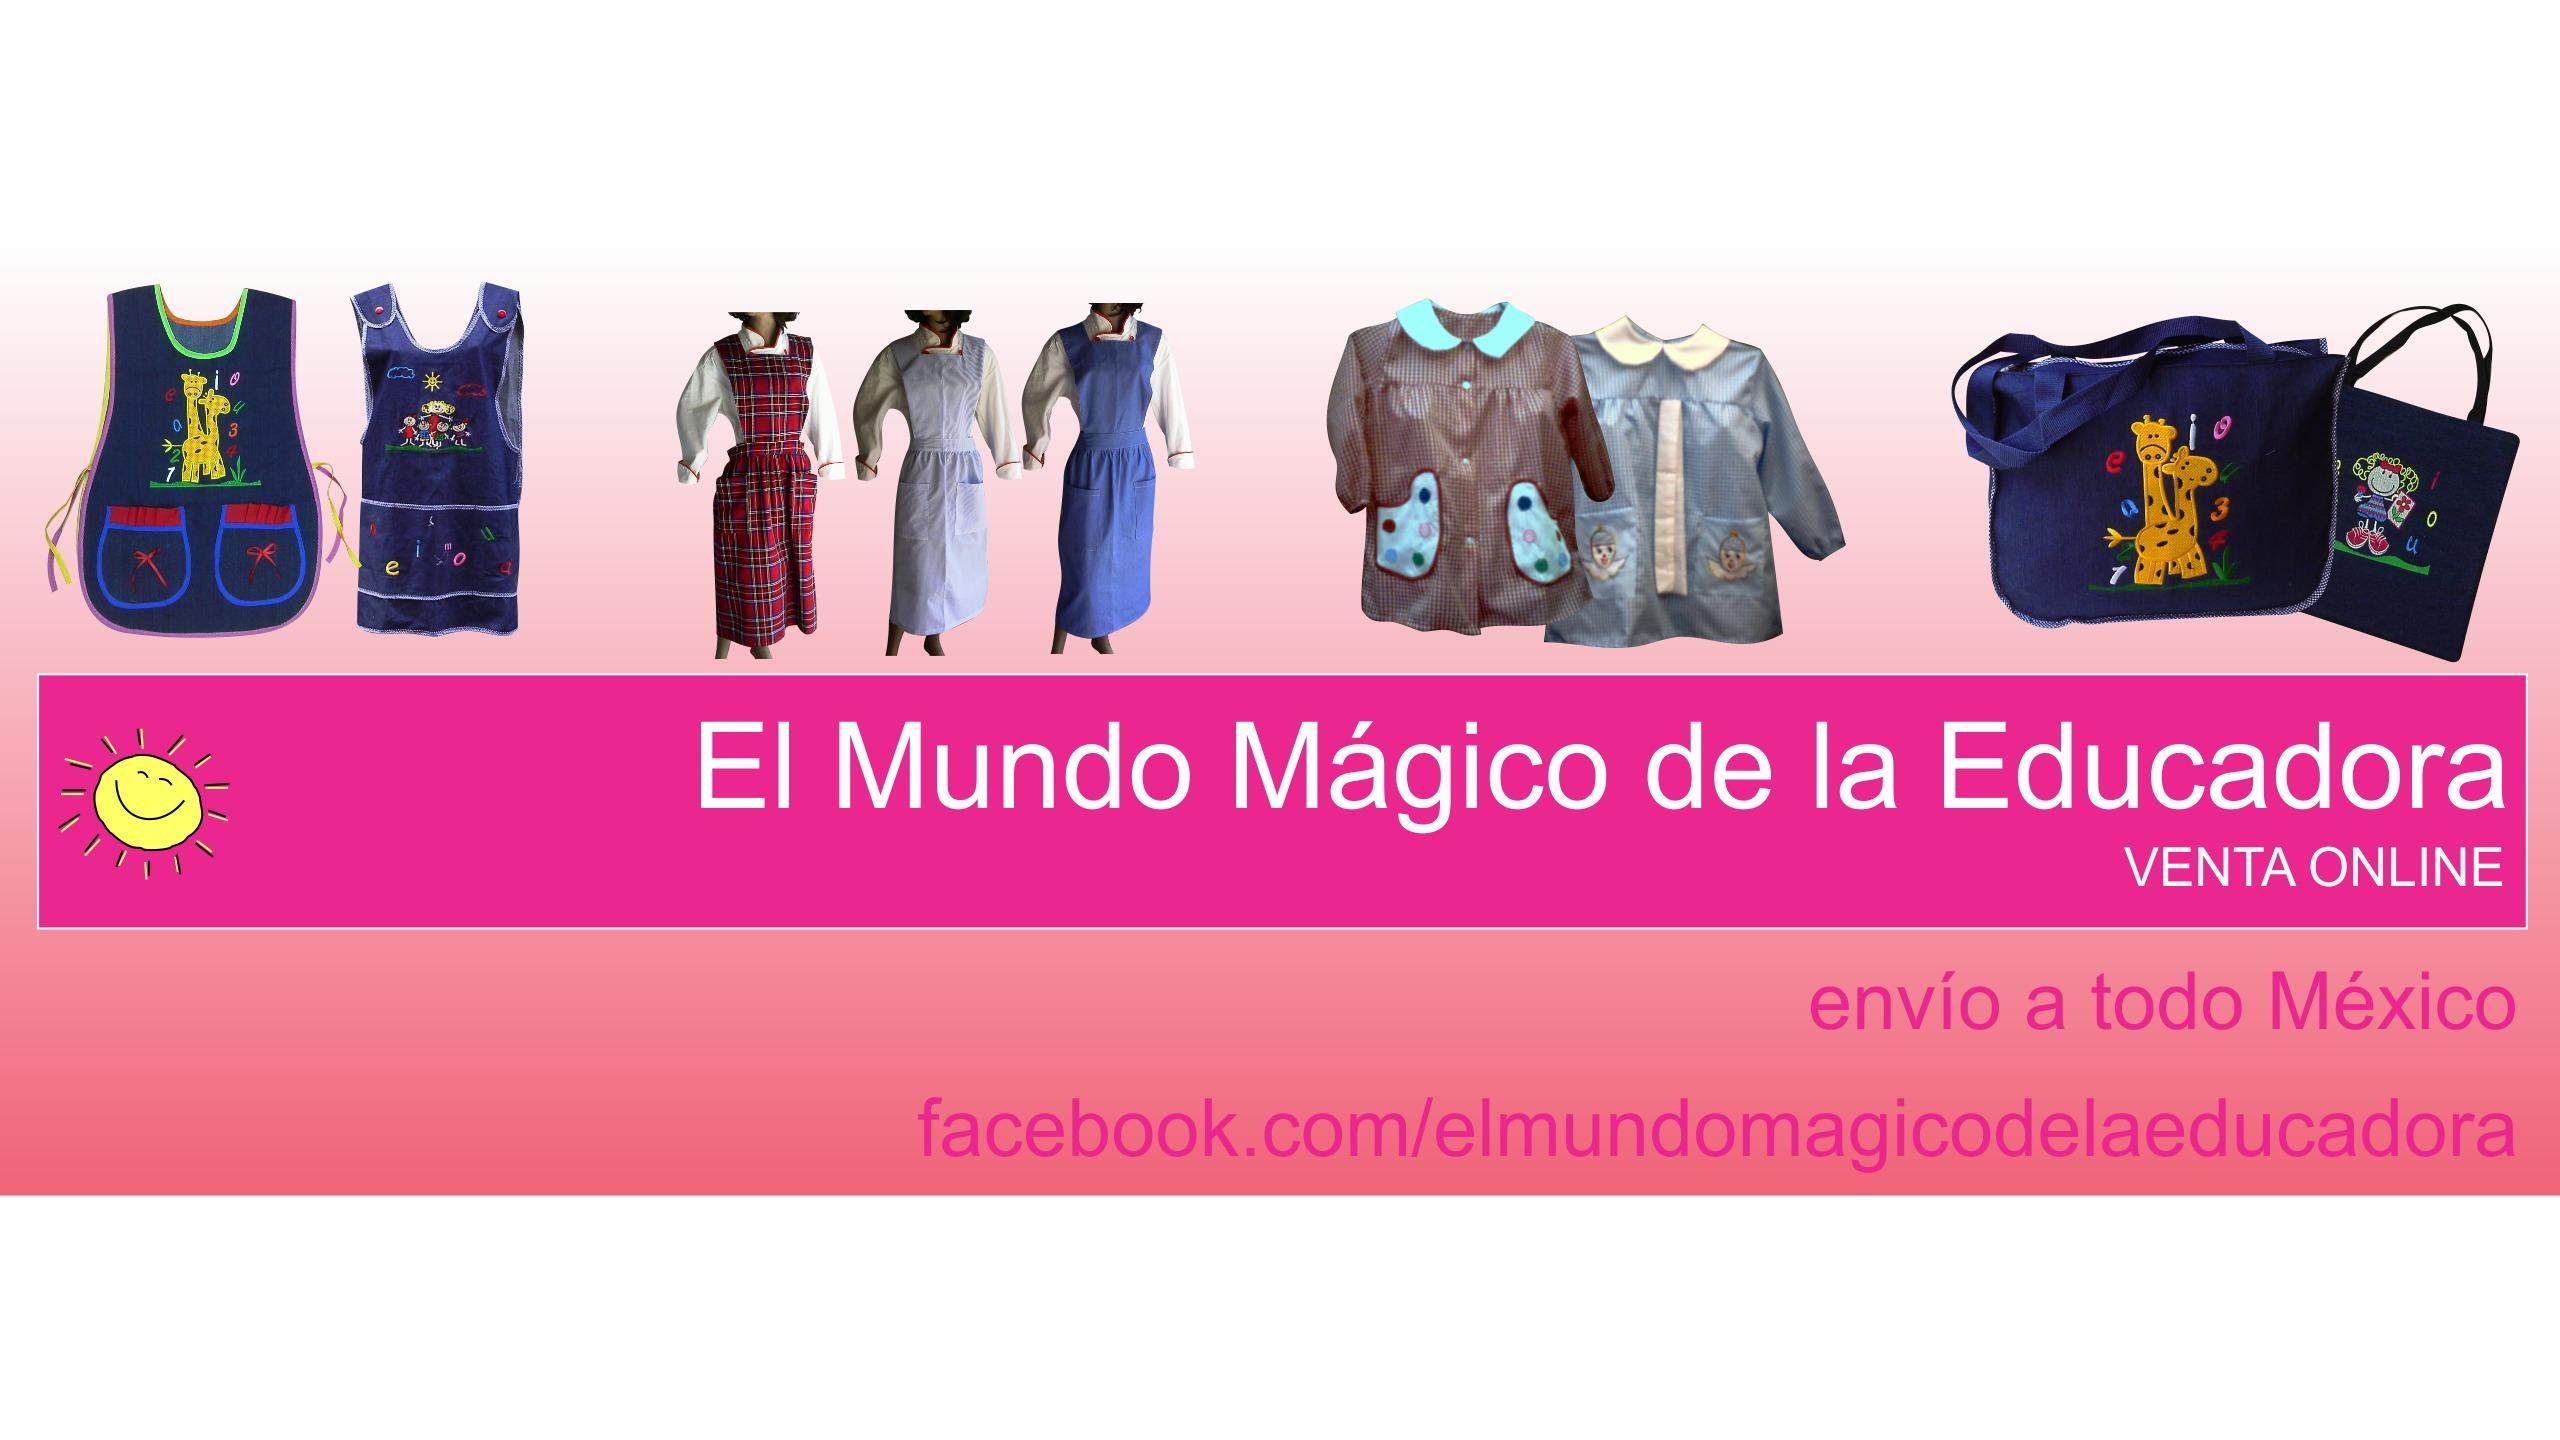 El Mundo Mágico de la Educadora (@elmundomagicodelaeducadora) Cover Image